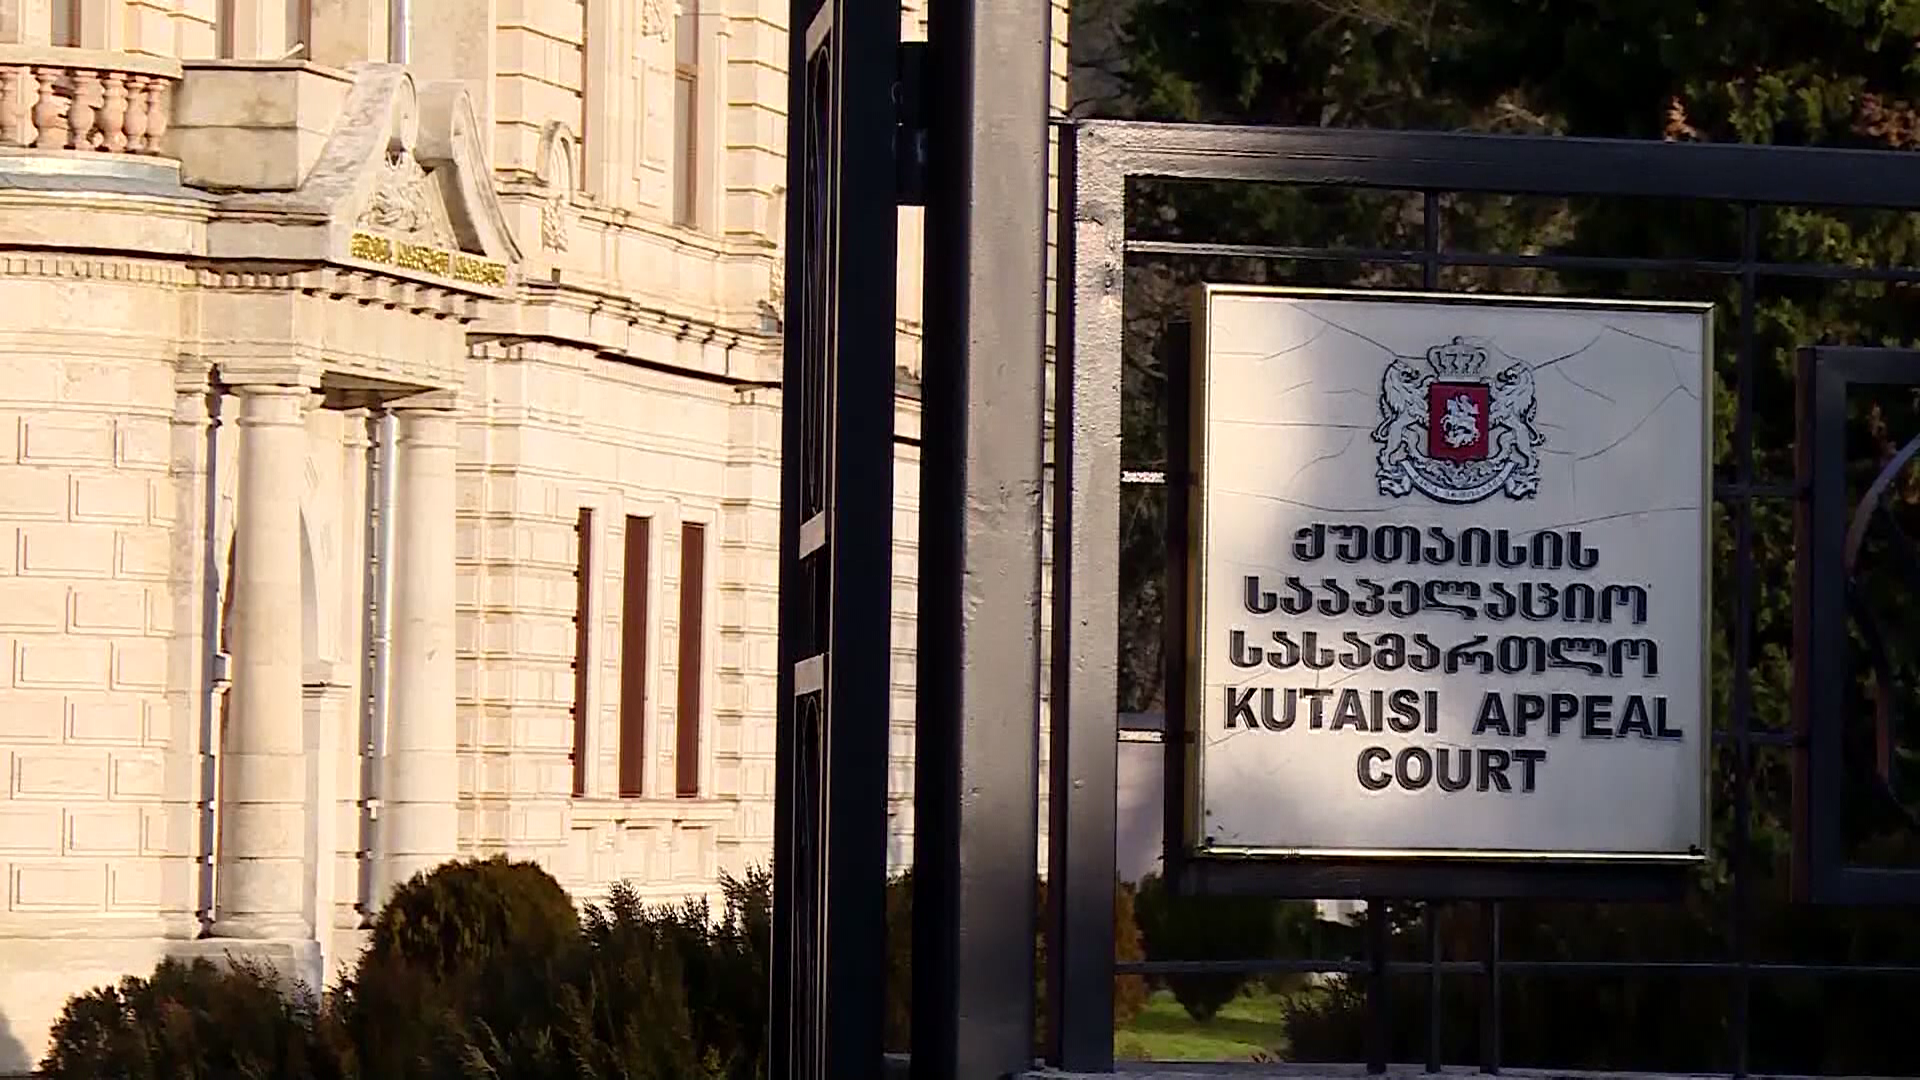 ქუთაისის სააპელაციო სასამართლო ჩხვირკიასა და ღოღობერიძის საქმეზე გადაწყვეტილებას გამოაცხადებს